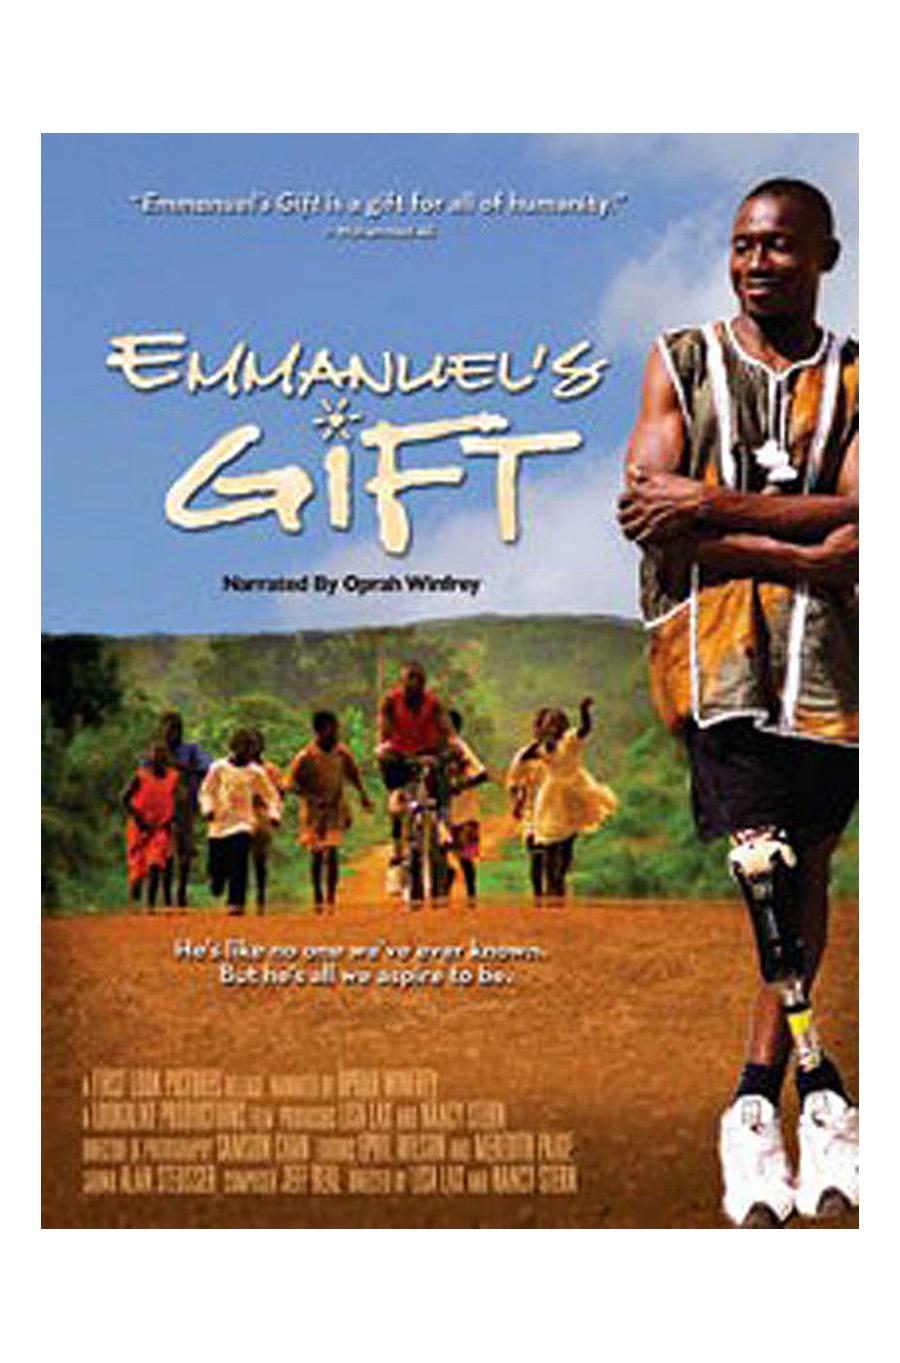 Emmanuel Gift Q=emmanuel's Gift&form